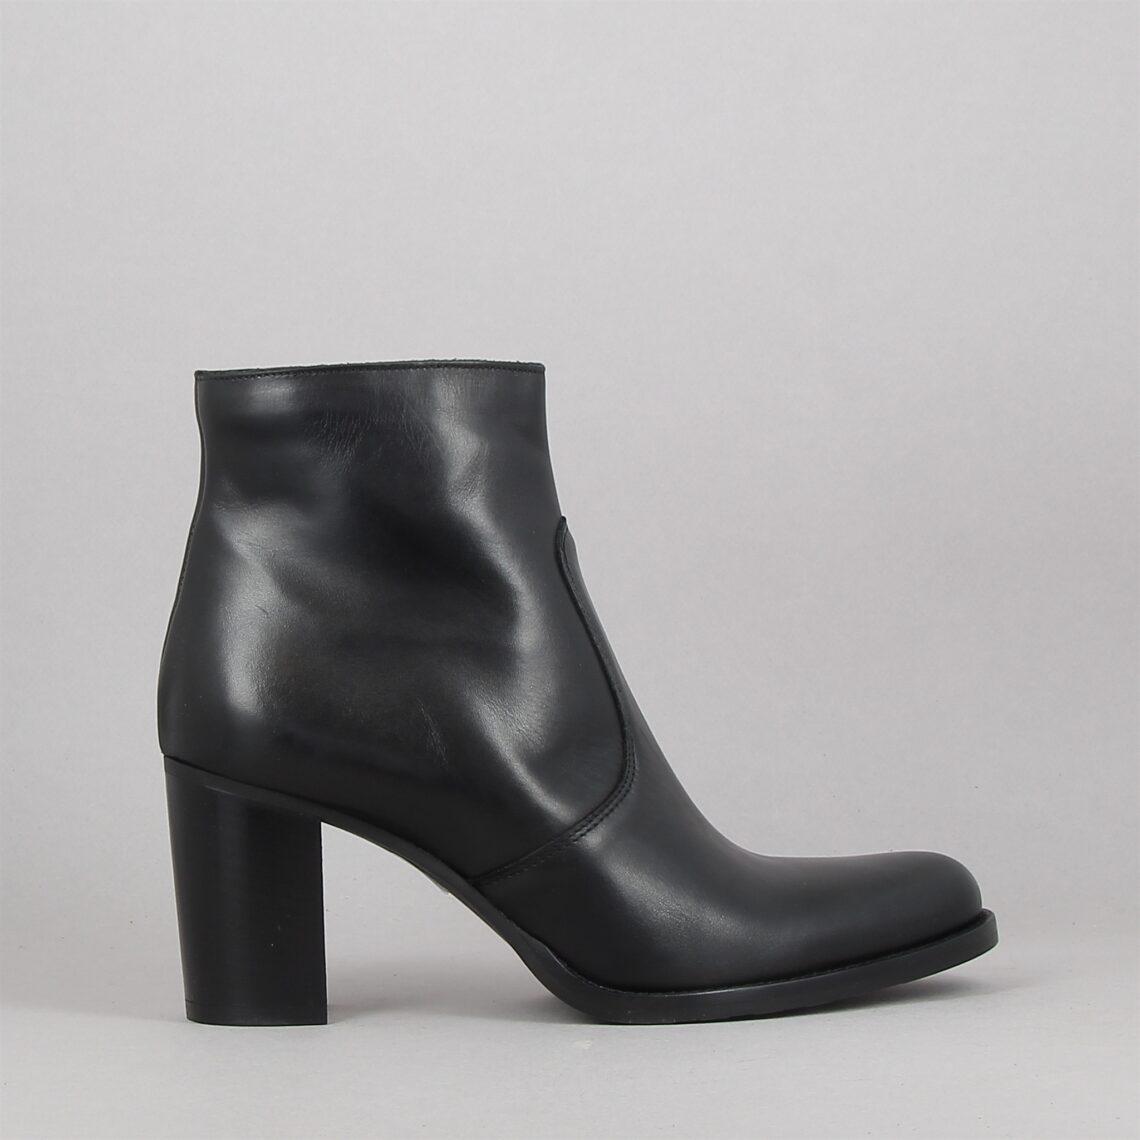 rachel-noir-189825026-0.jpg